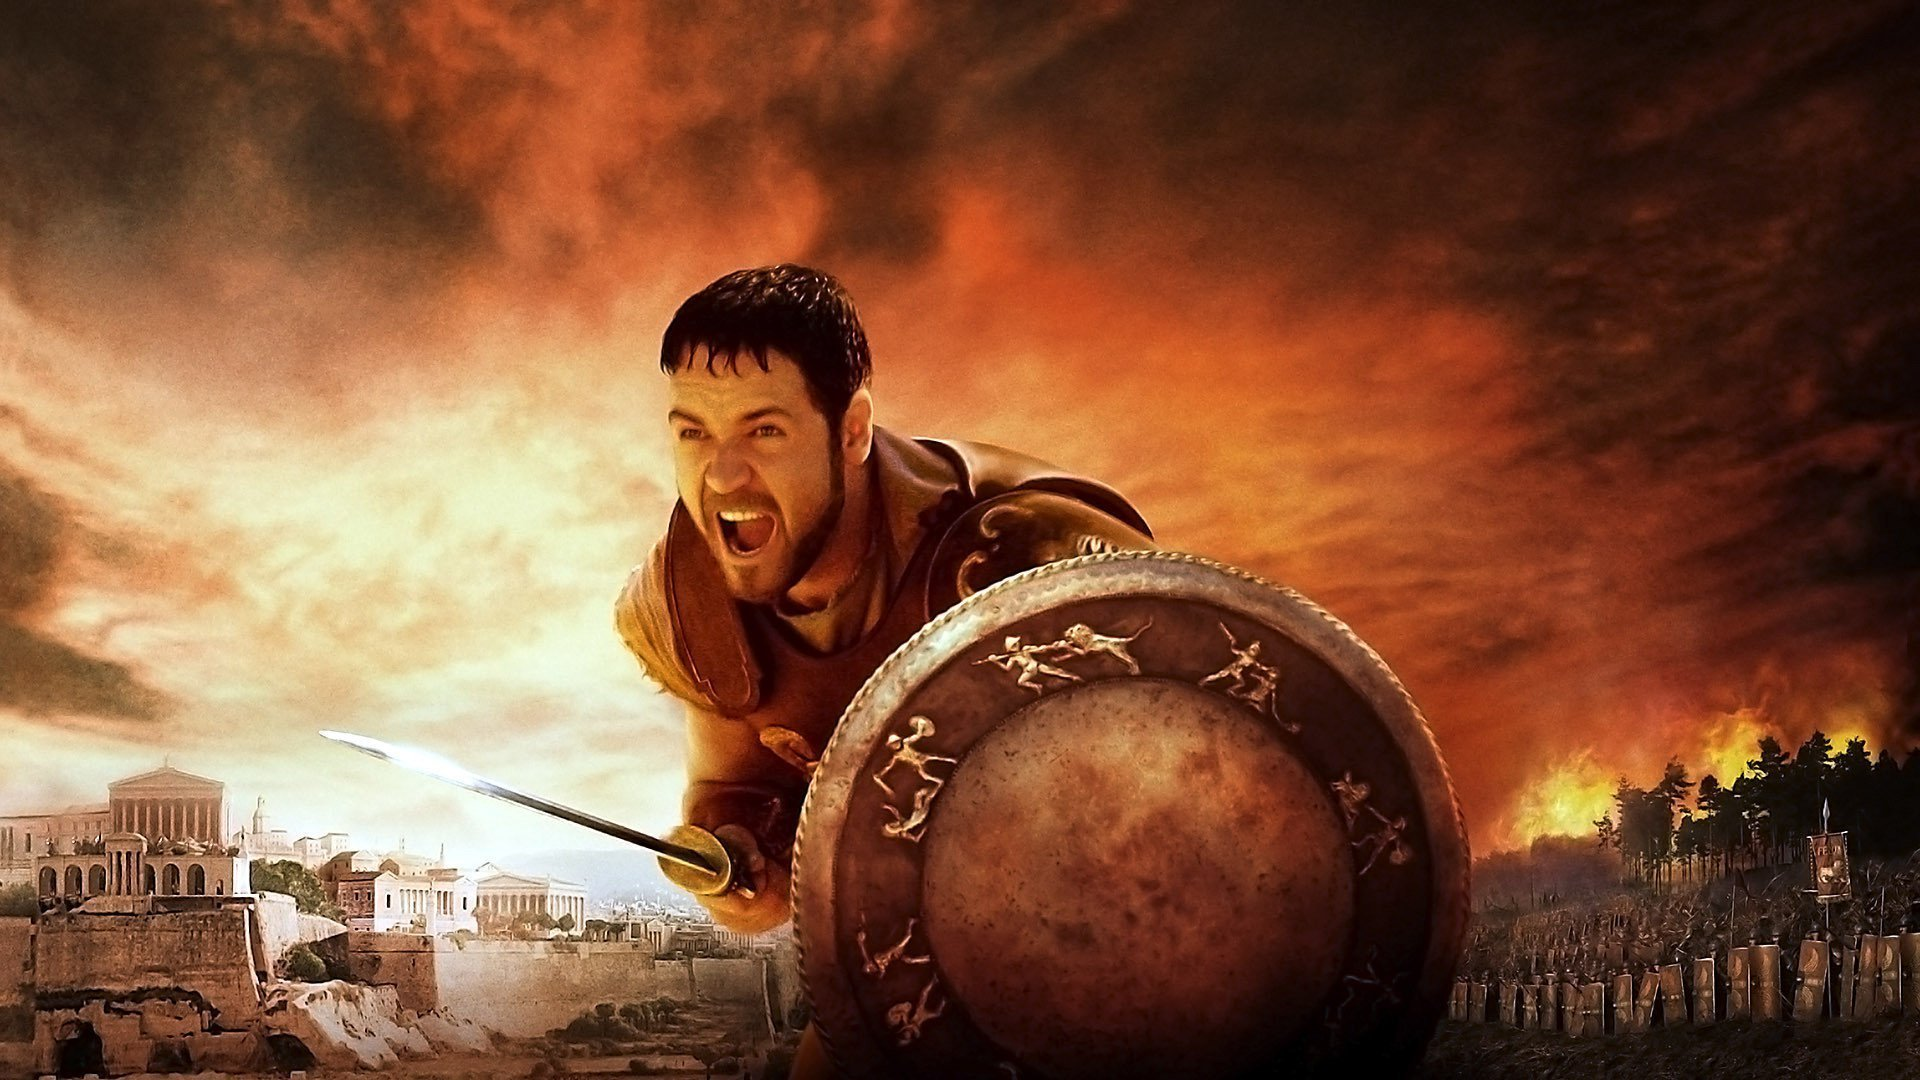 Film önerileri - Maximus, halk ve yaşlanan İmparator Marcus Aurelius tarafından sevilen güçlü bir Roma generalidir.